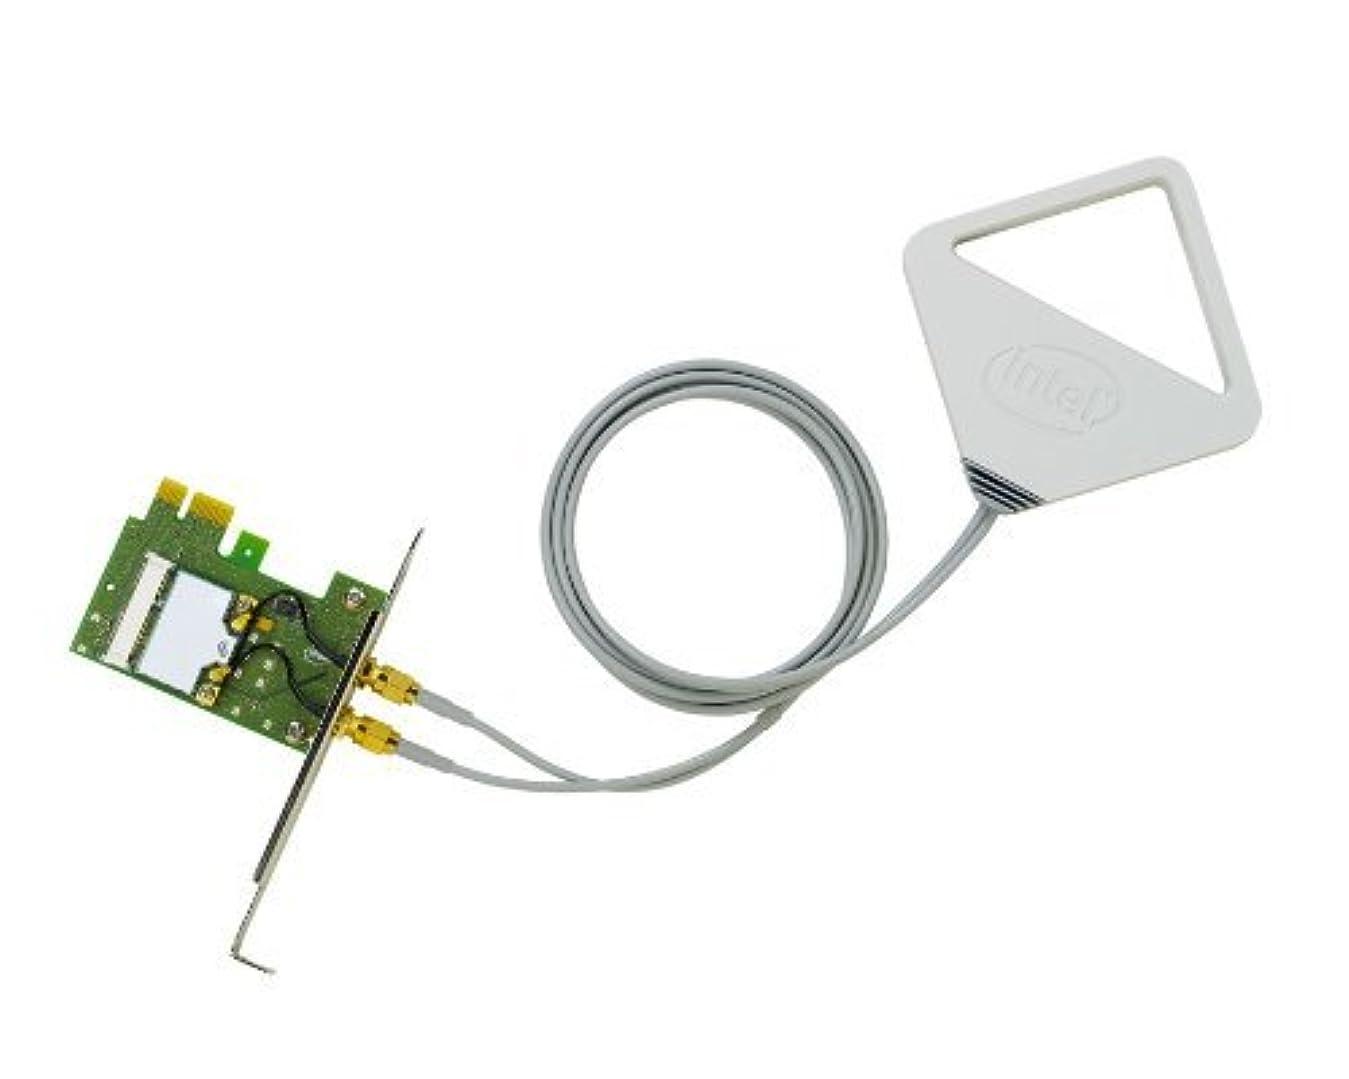 インテル 11ac対応 867Mbps Dual Band/Bluetooth 4.0PCIe接続無線LANボード用 無線LAN子機Intel Dual Band Wireless-AC 7260 for Desktop 7260HMWDTX1